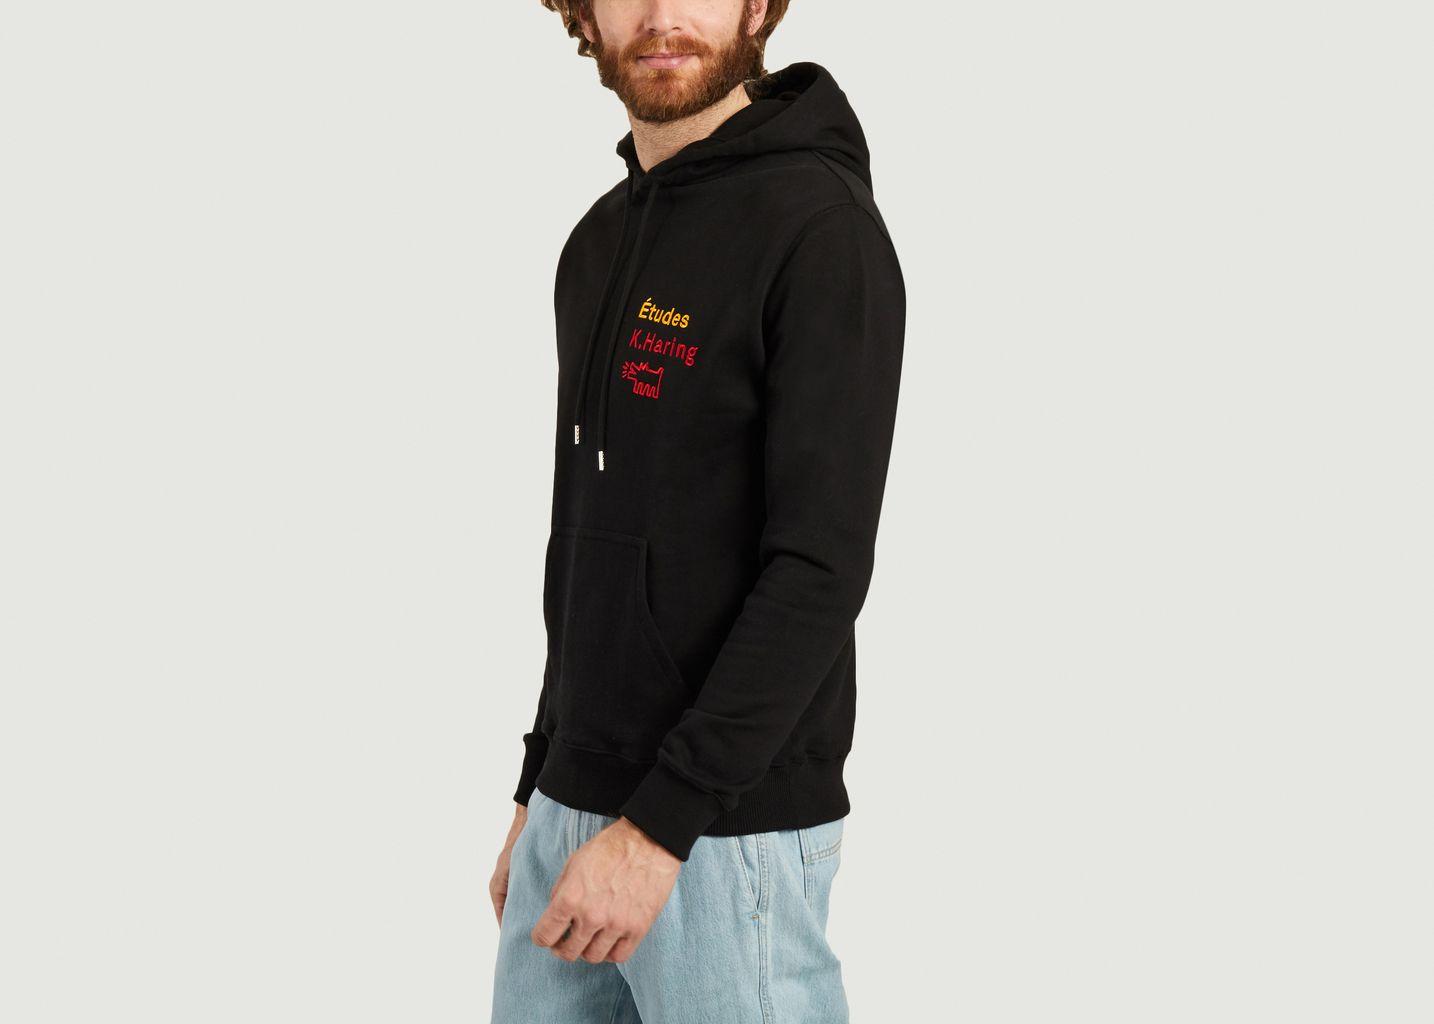 Sweatshirt à capuche Études x Keith Haring - Études